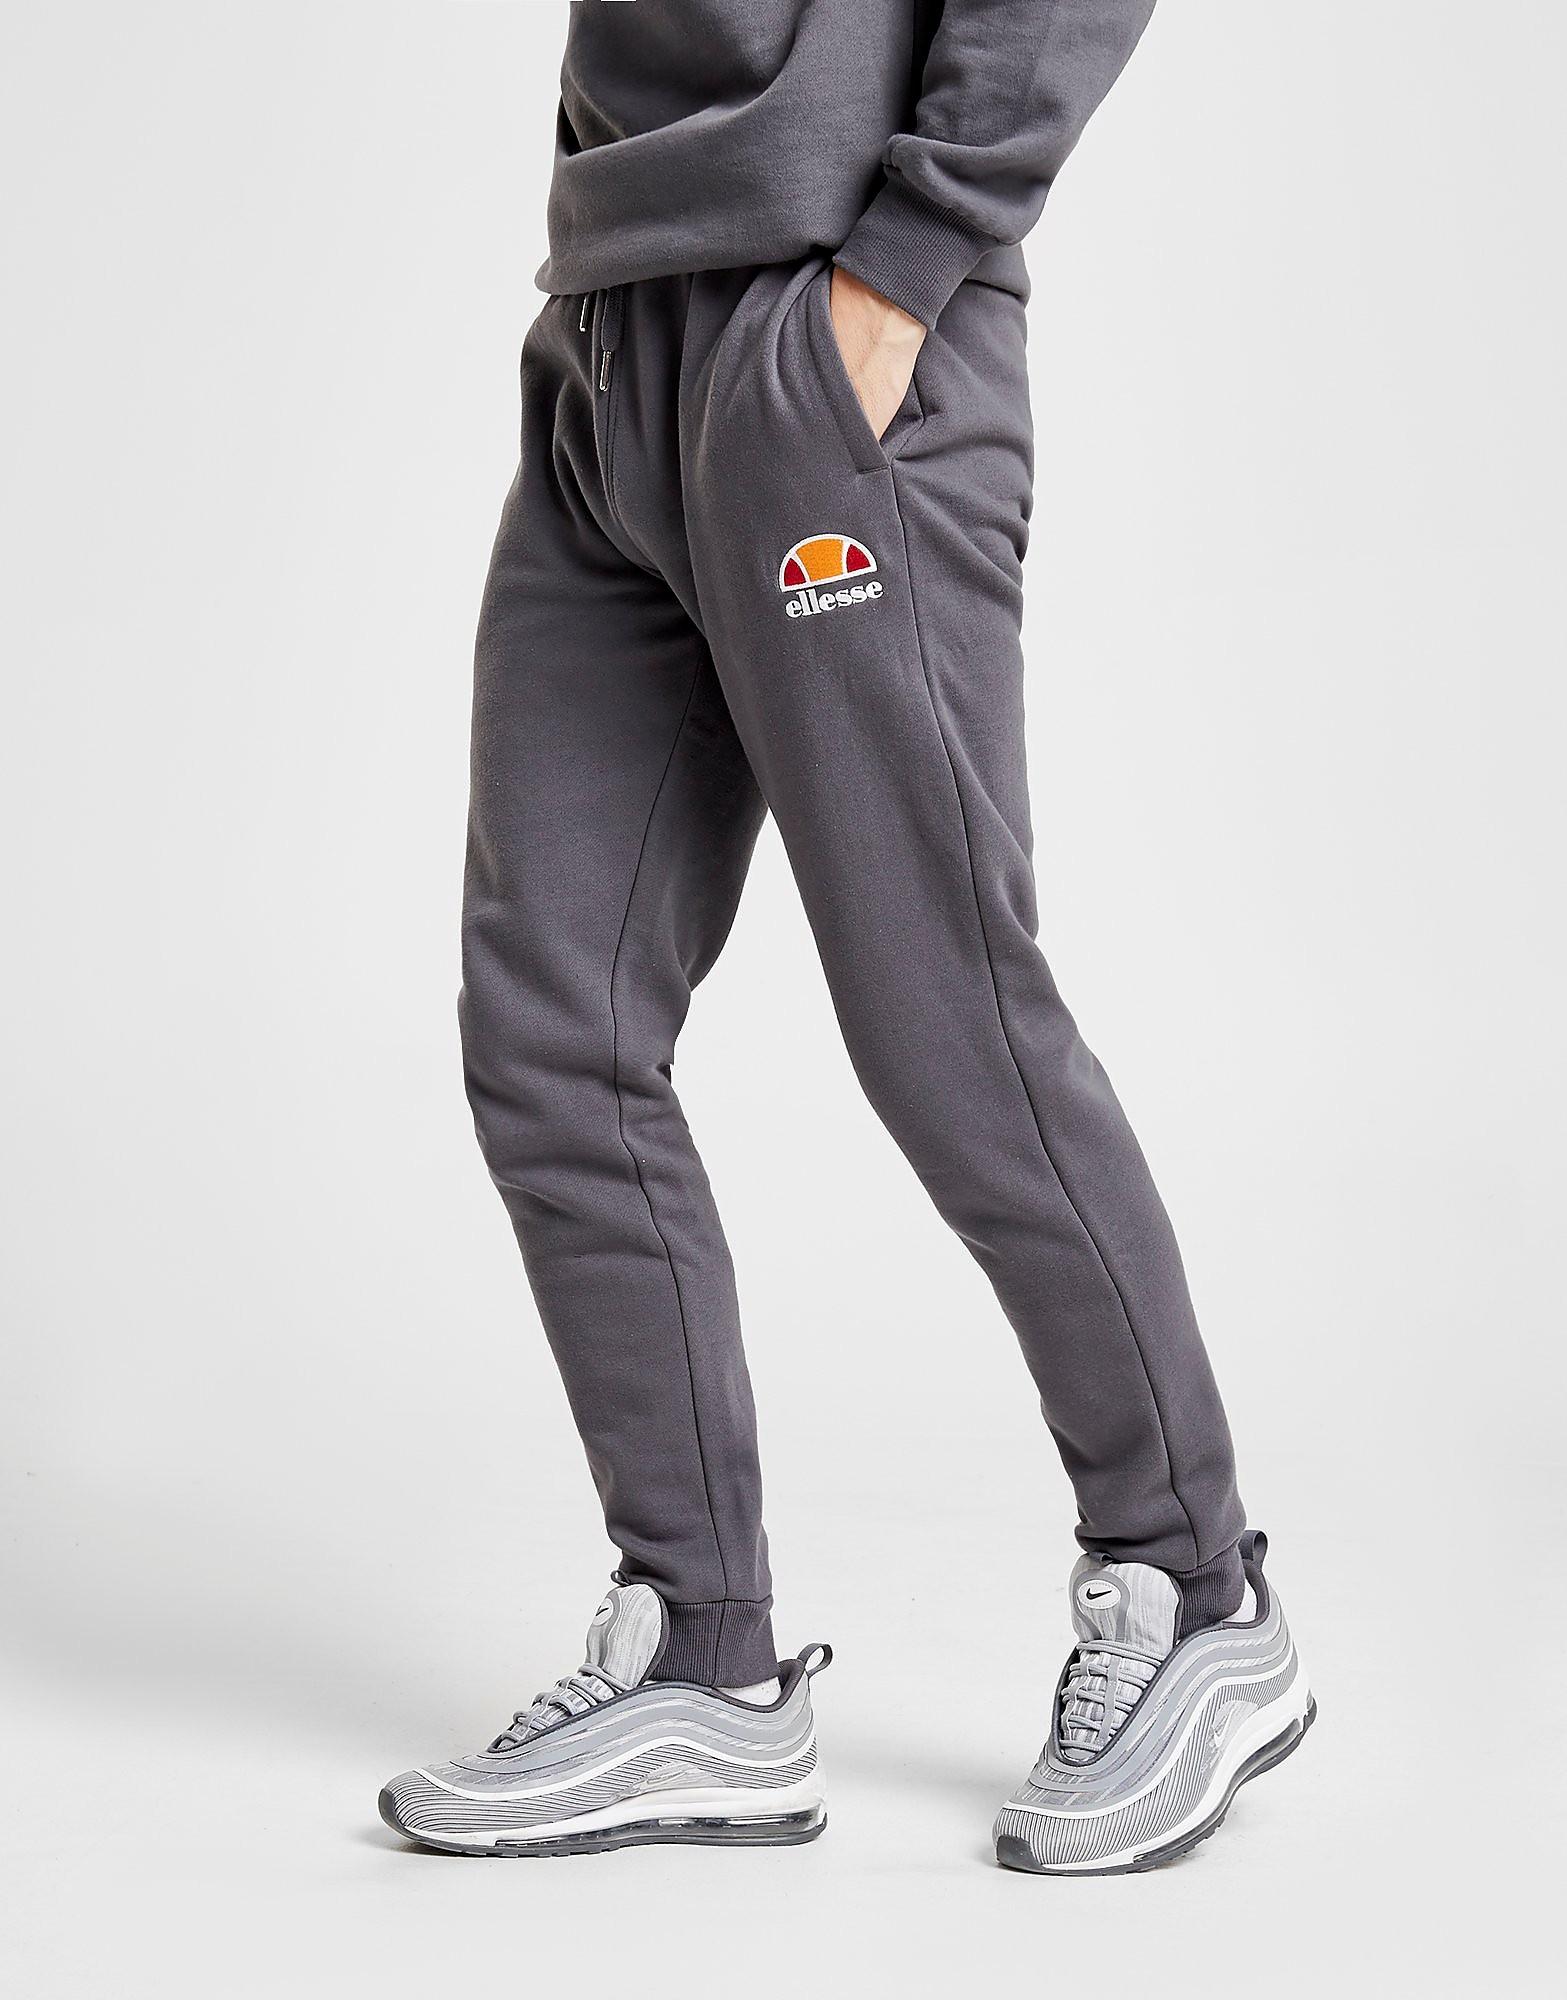 Ellesse Ortino Fleece Track Pants Heren - alleen bij JD - Grijs - Heren